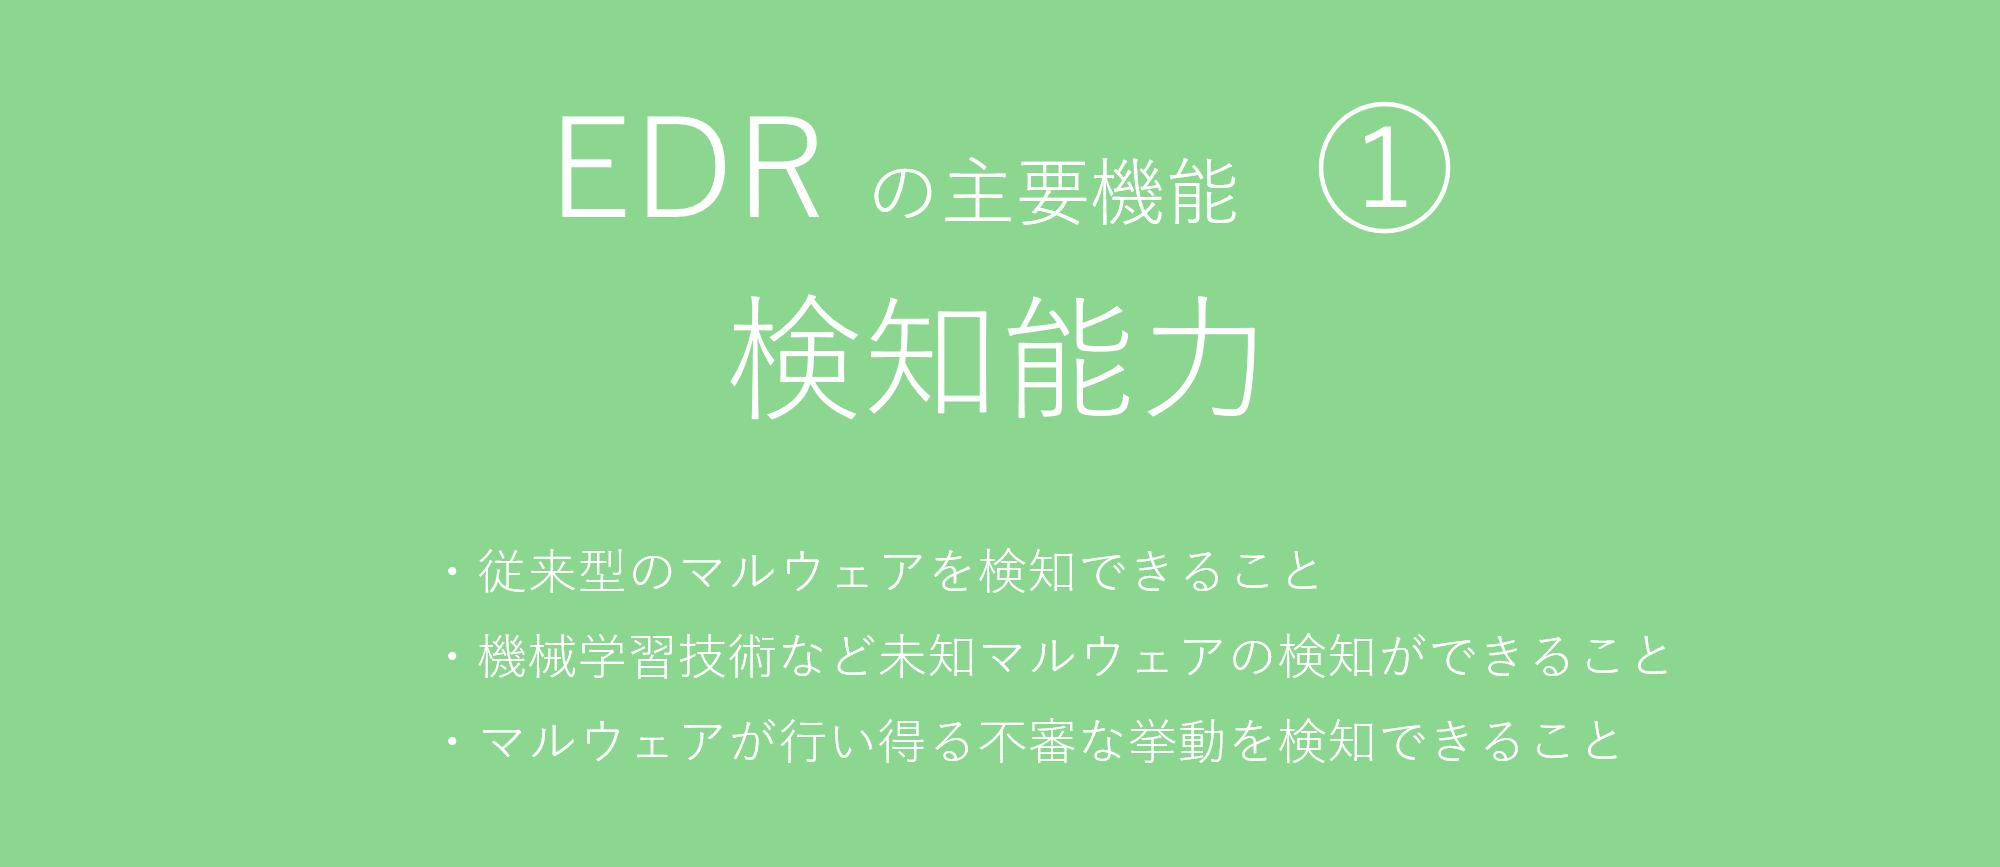 EDR1-1